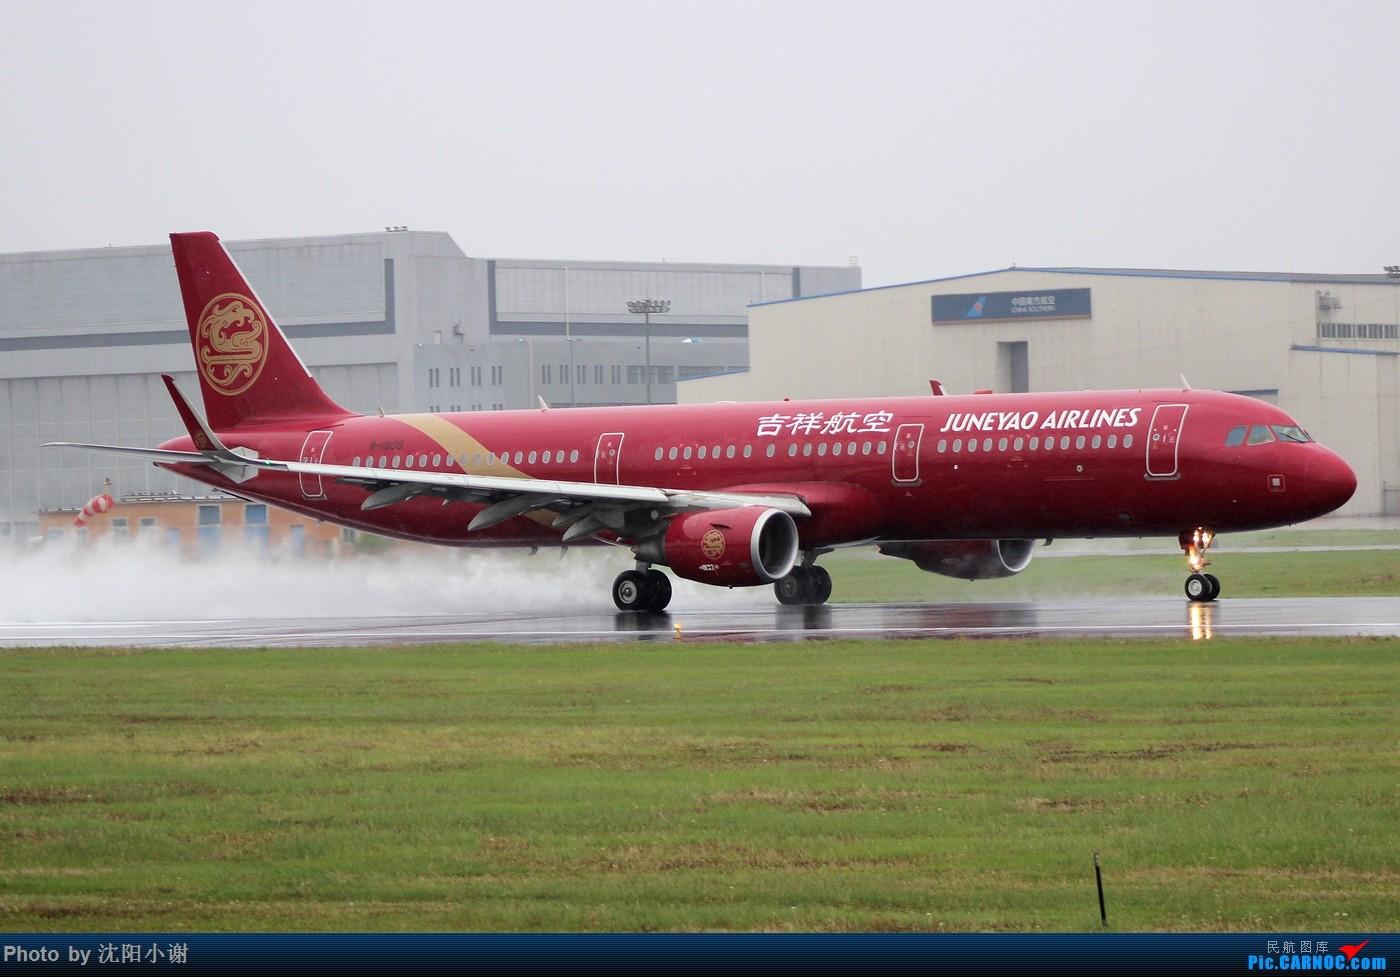 789re_酷航789 汉莎343 大韩77w 全日空767 之类的.